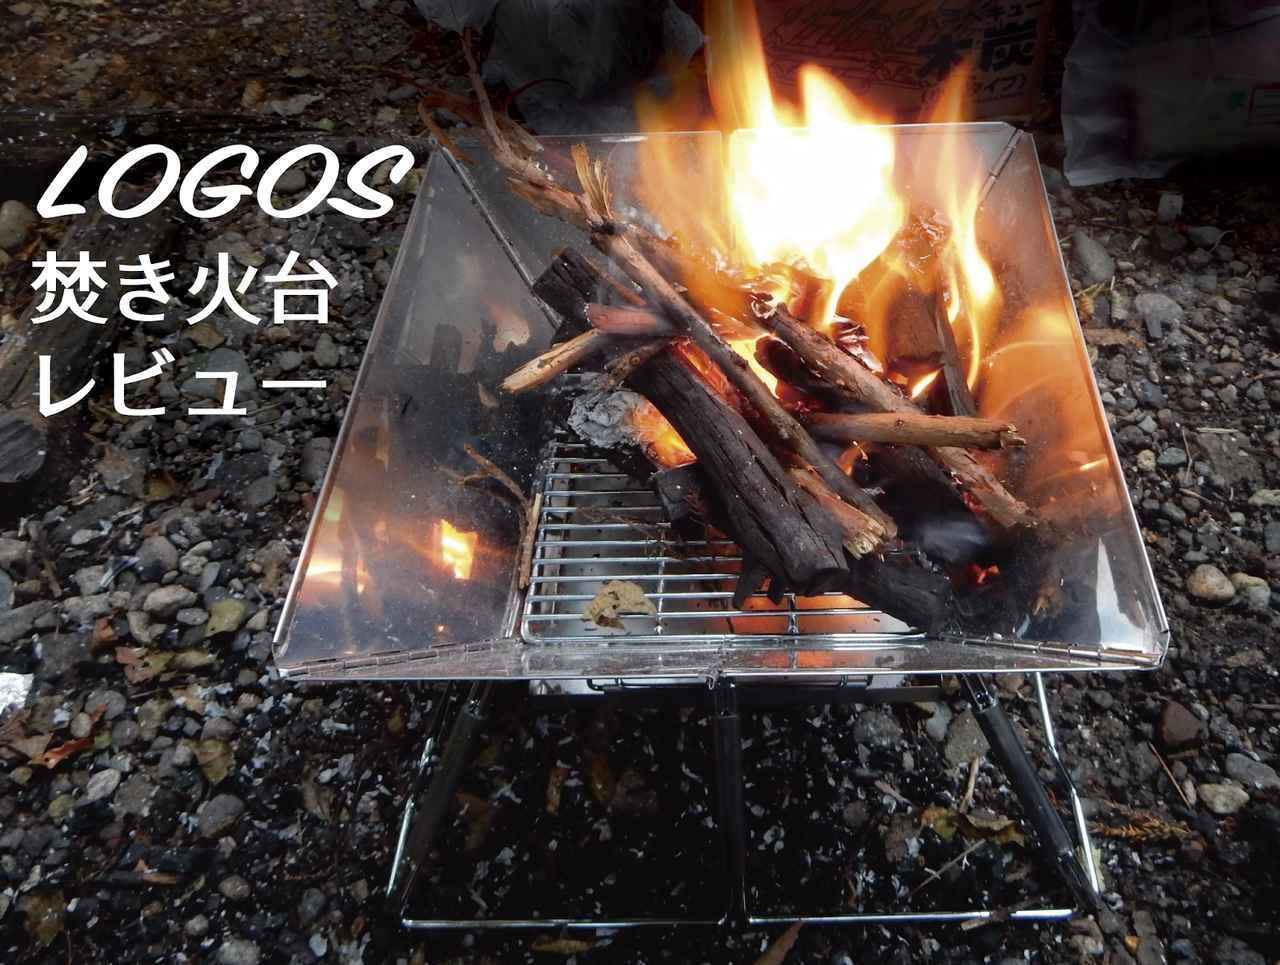 画像: ロゴス焚き火台2種類を徹底レビュー! LOGOS the ピラミッドTAKIBI&ピラミッドグリル・コンパクト おすすめたき火台シートも紹介 - ハピキャン(HAPPY CAMPER)